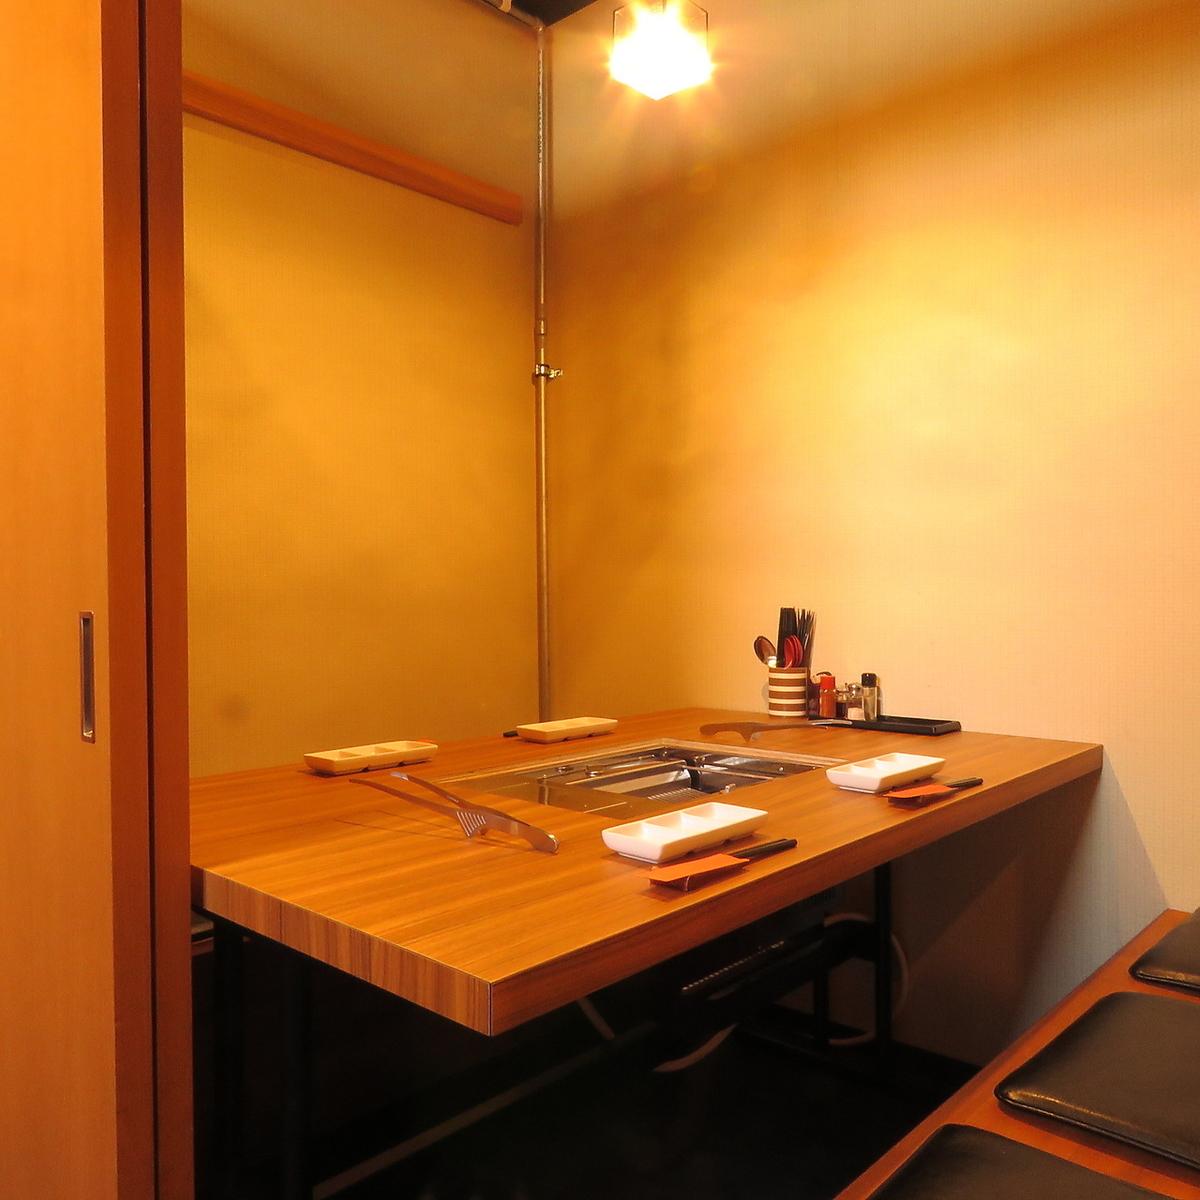 一个放松的空间。如果您不想被任何人或任何人打扰,请务必使用这间私人房间!